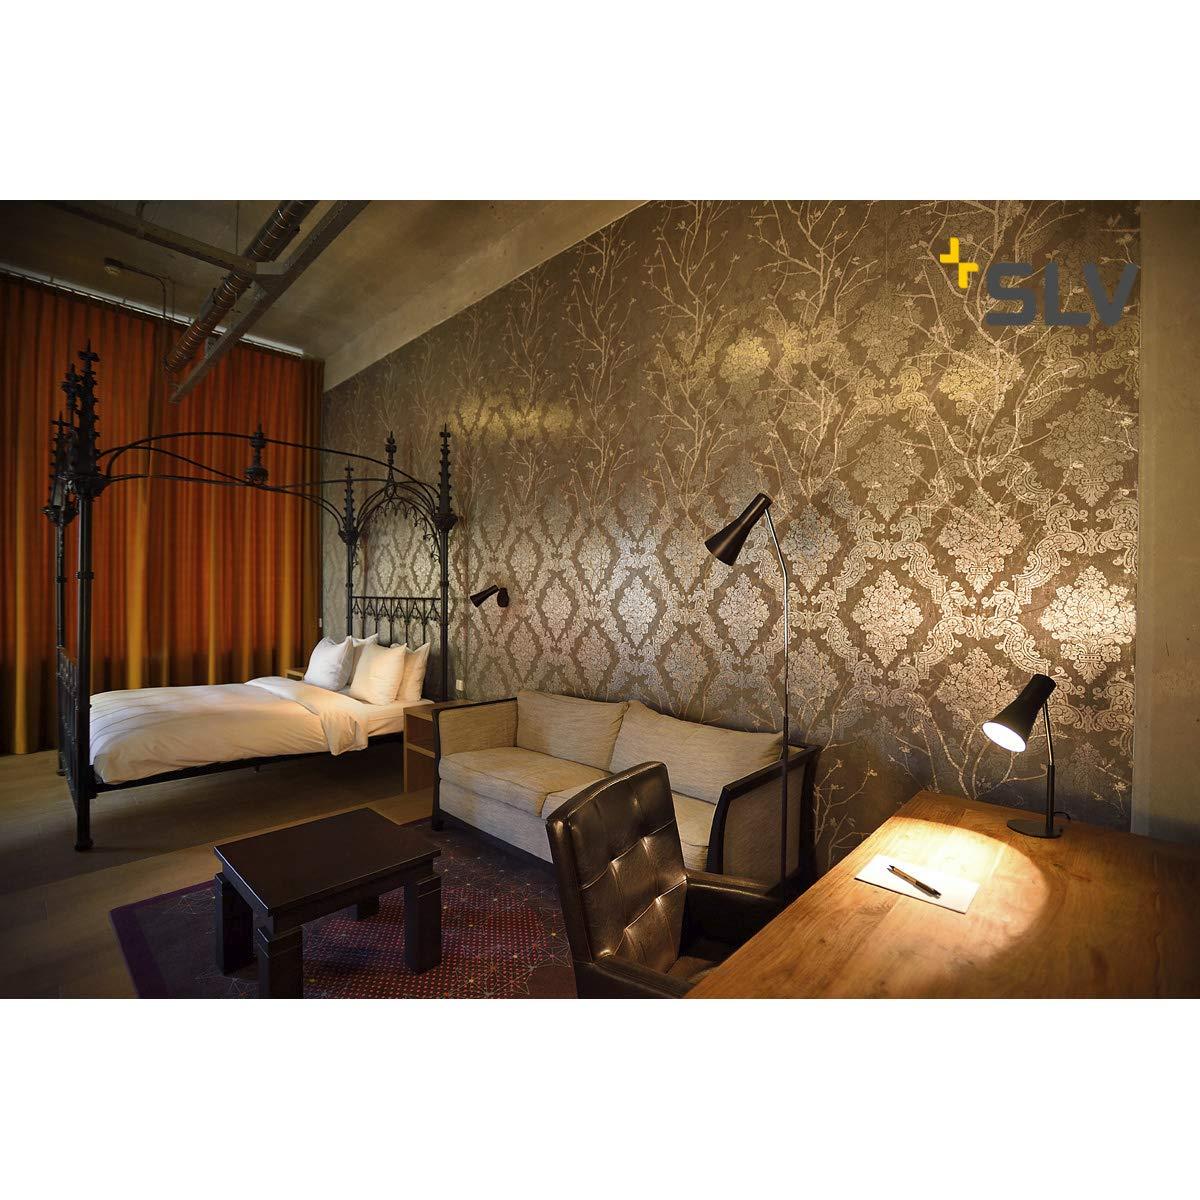 Gastfreundlich Design Stehlampe Stehleuchte Deckenfluter Lampenschirm Metall Wohnzimmer Modern Büromöbel